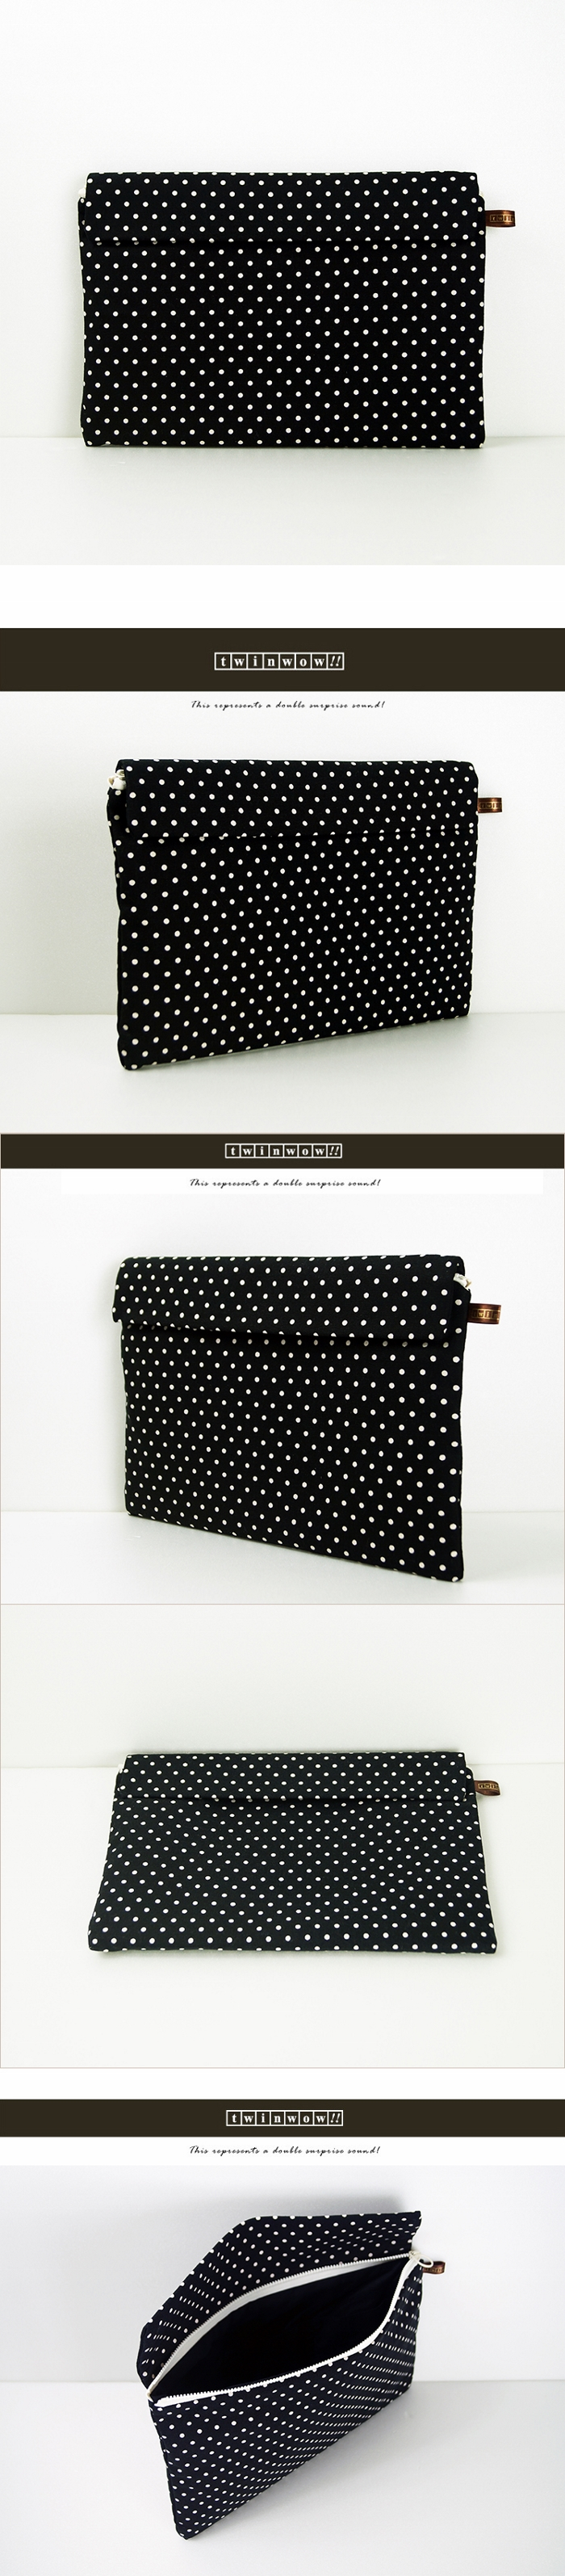 (複製)twinwow|時尚筆記 - 細緻質感平板包(時尚黑綠)